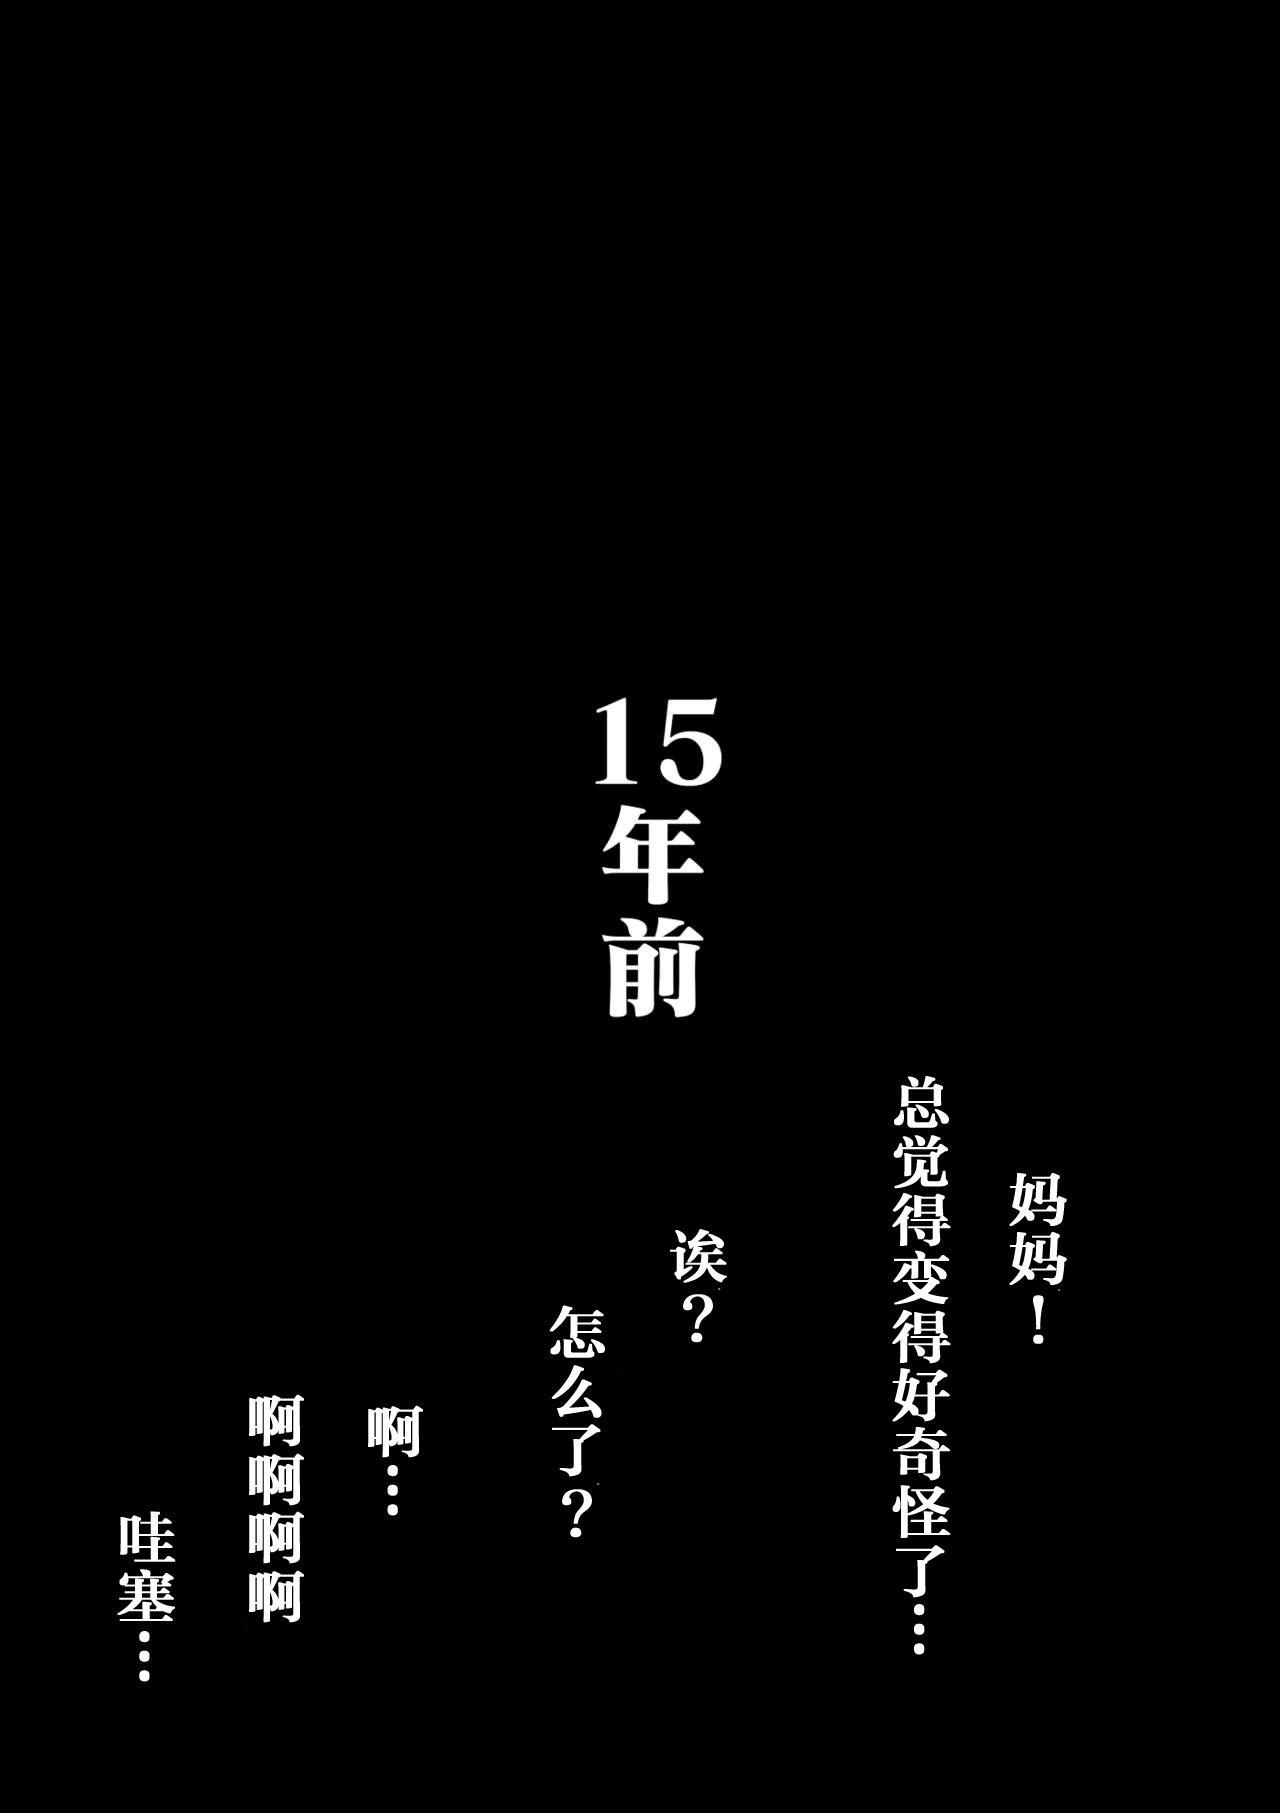 [Oozora Kaiko] Kaa-san to Ore no 20-nenshi ~Waga Ie no Kinshin Soukan Kaikoroku [Chinese] [金麦基个人汉化] 6